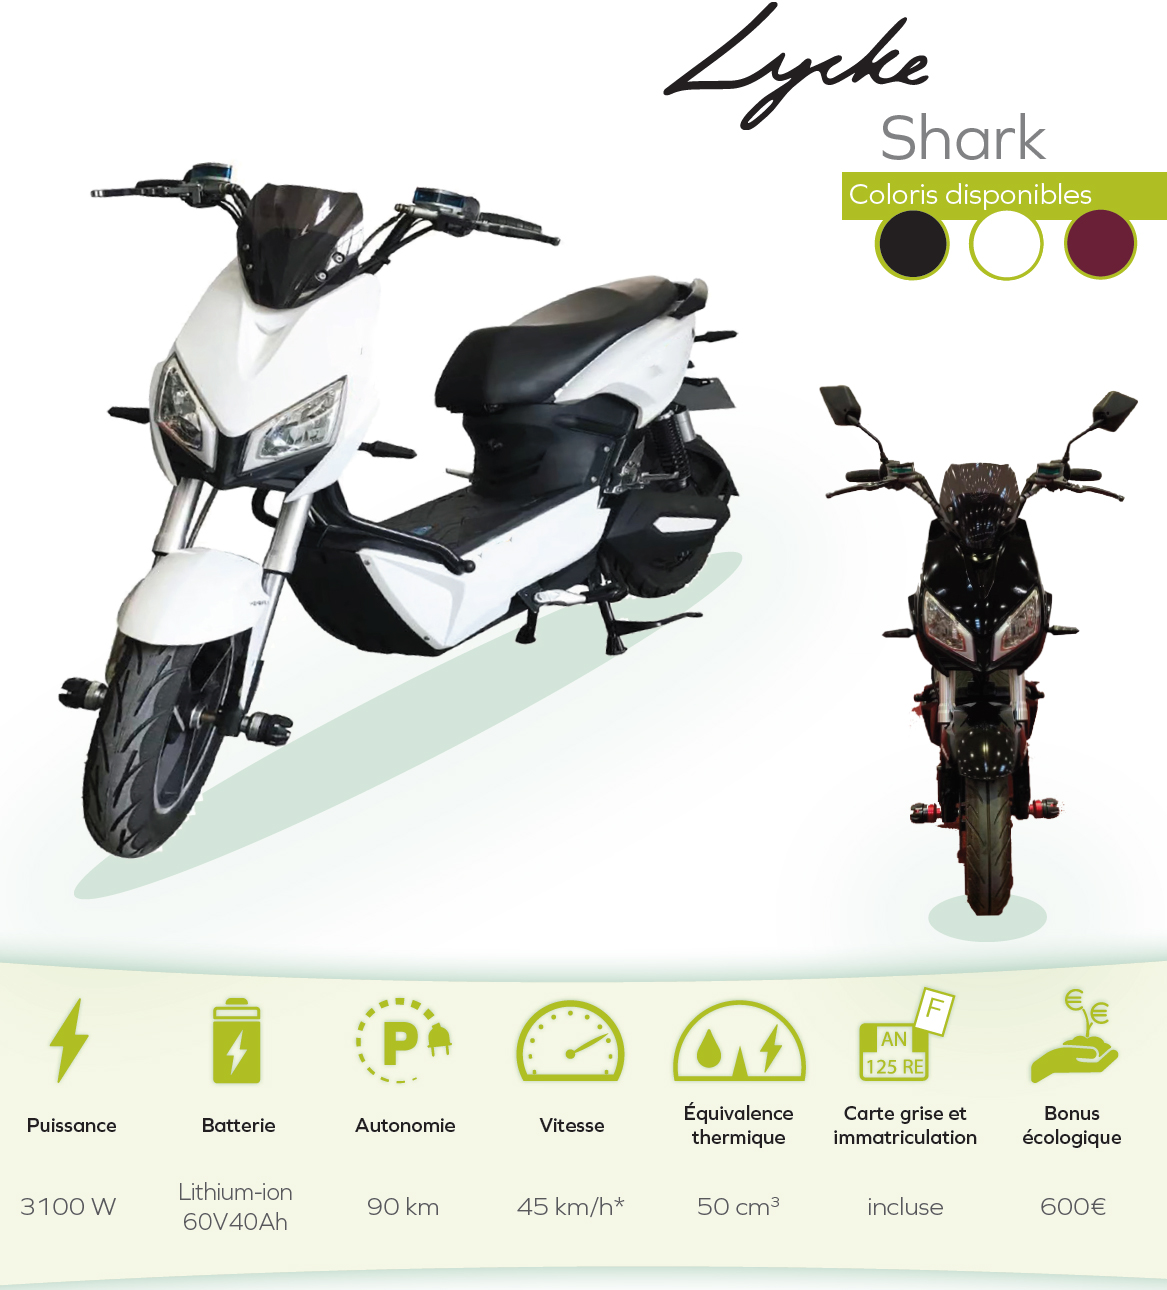 shark-3100W-60V40Ah.JPG